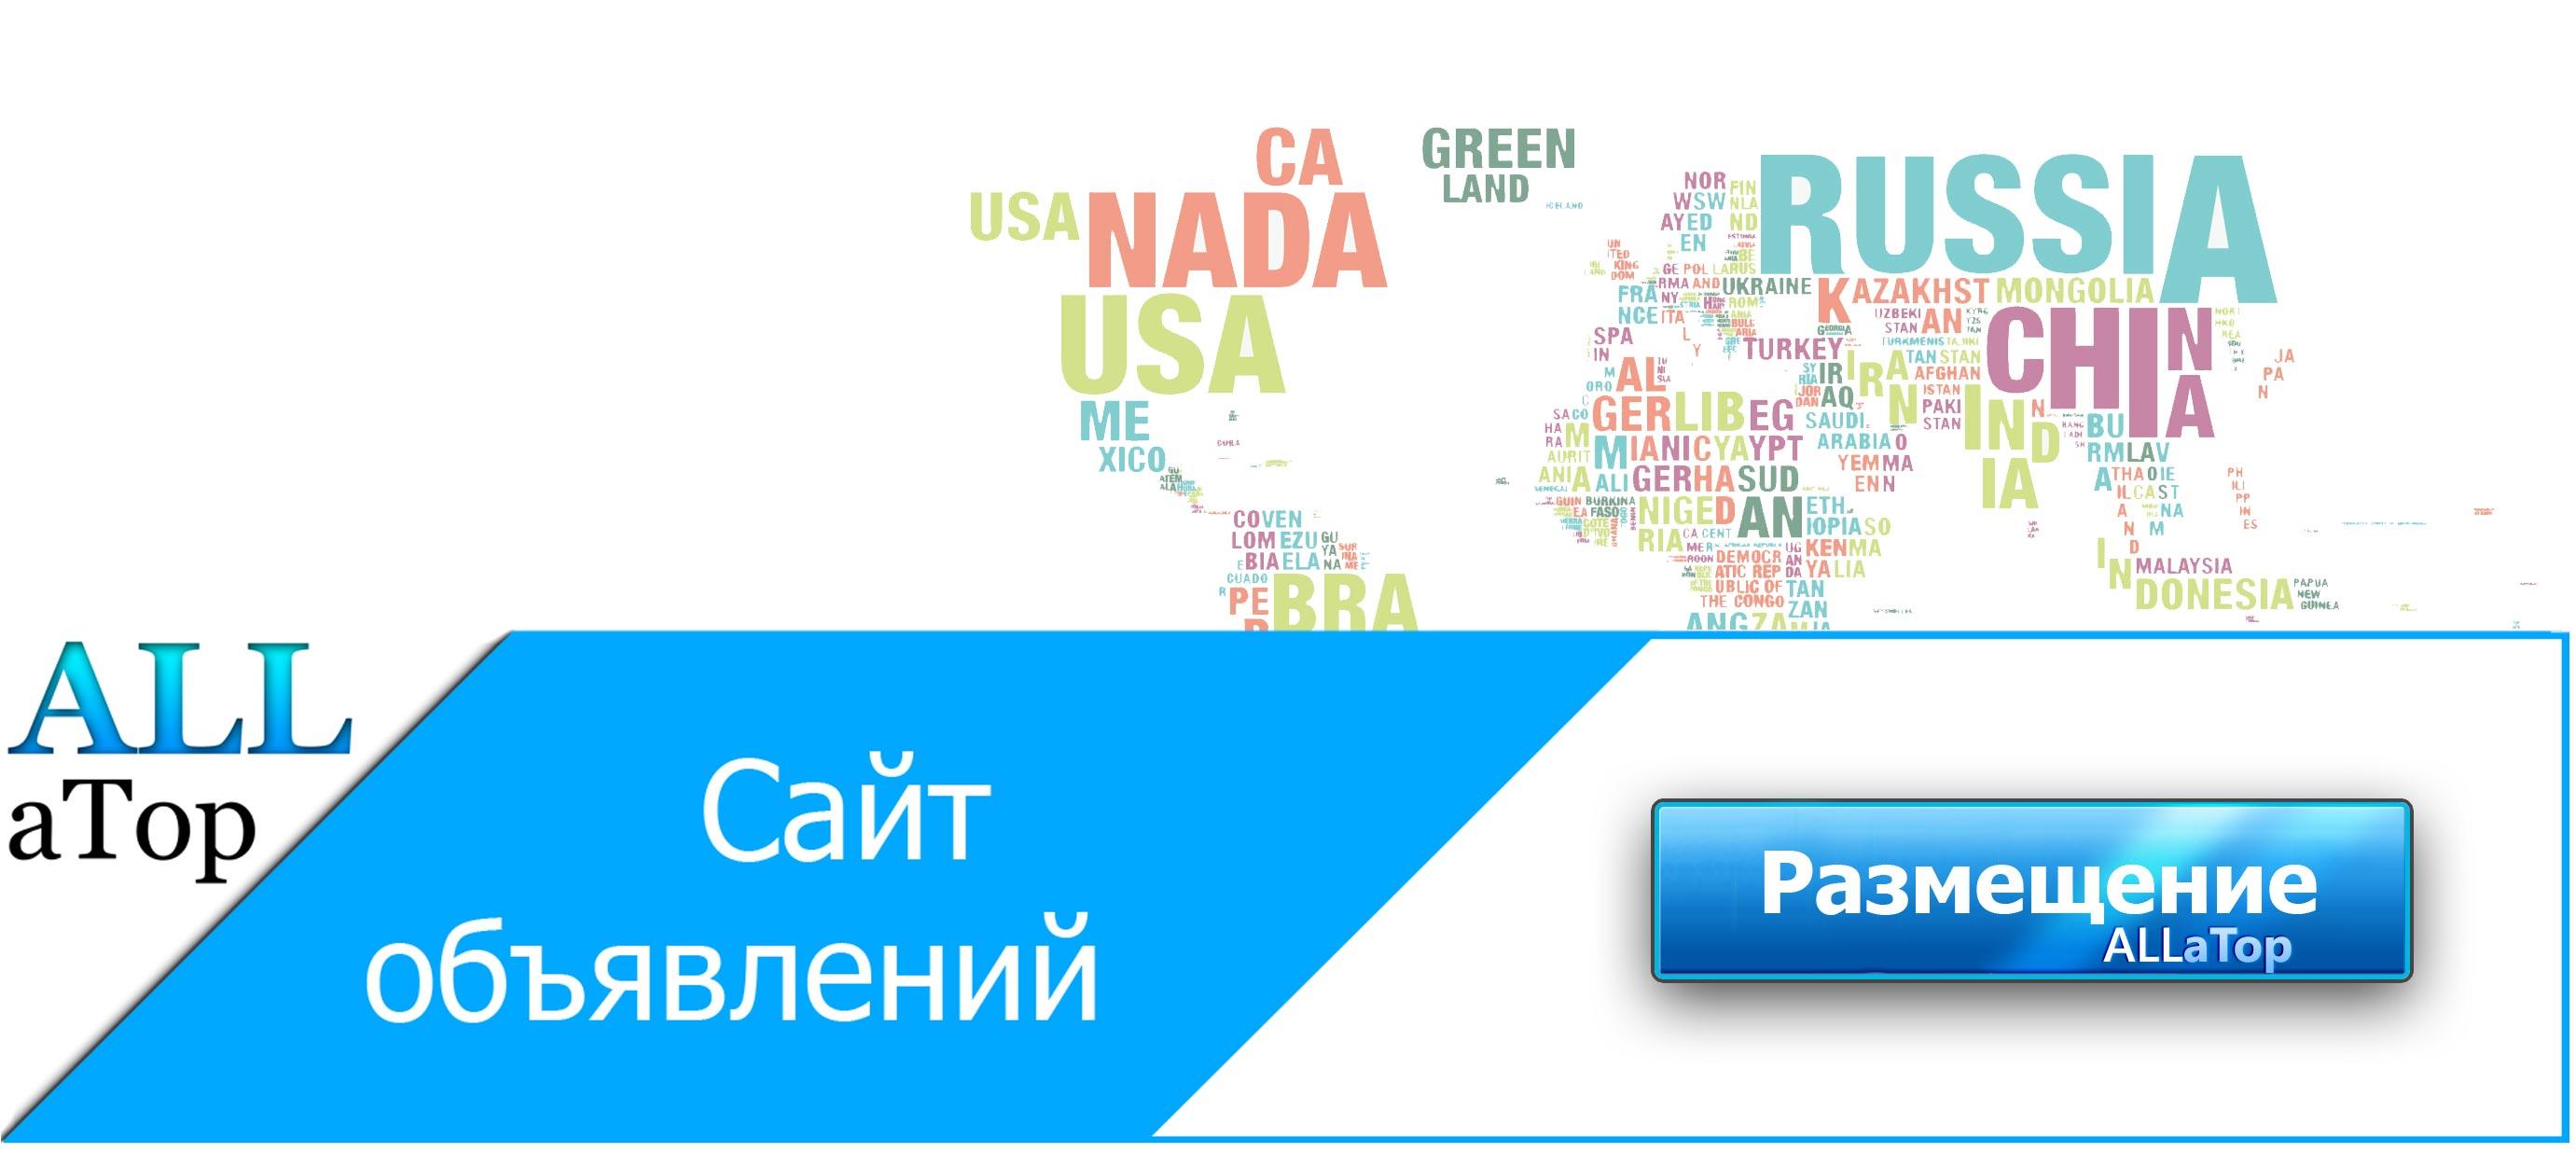 Бесплатная реклама в интернете красноярск интернет-реклама красноярск